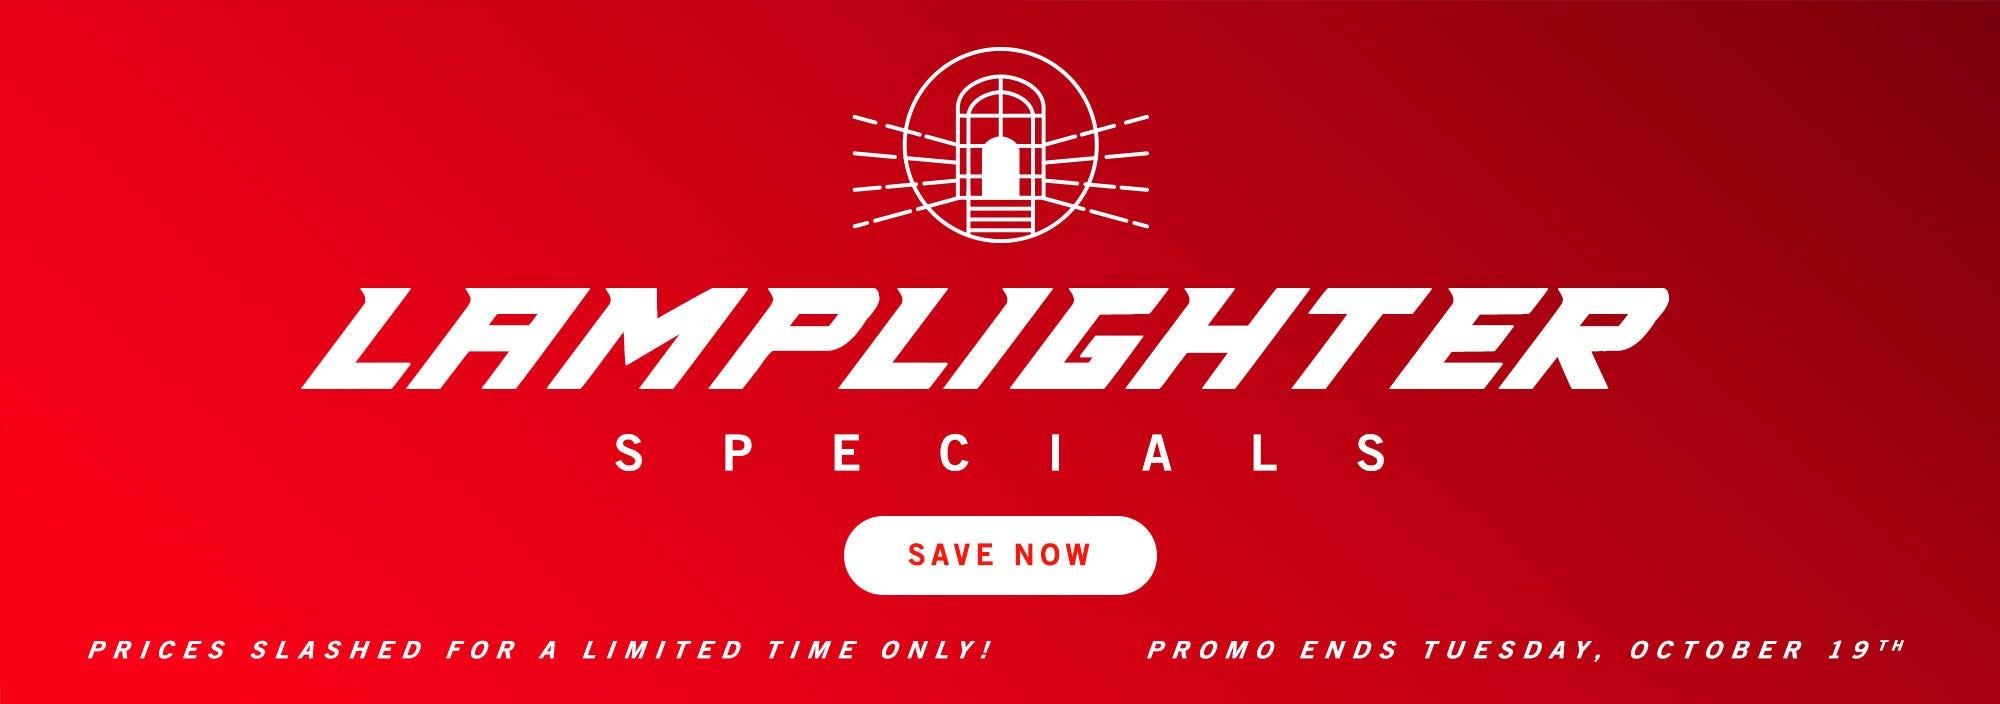 Lamplighter Specials